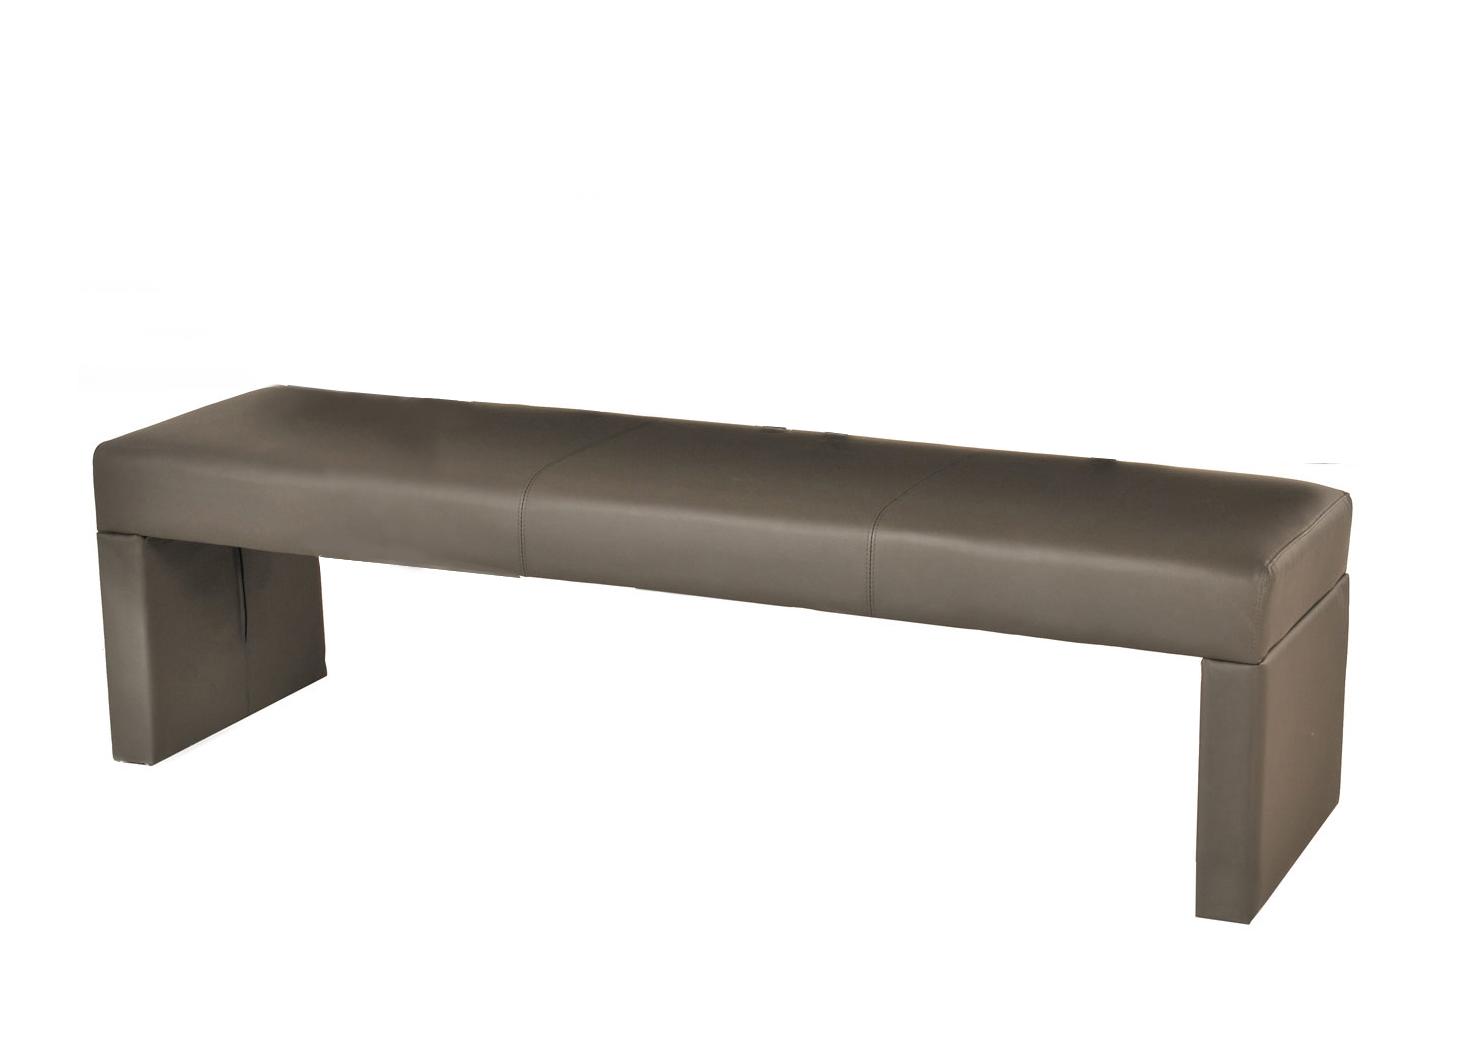 sam esszimmer sitzbank recyceltes leder muddy 200 cm nupa auf lager. Black Bedroom Furniture Sets. Home Design Ideas